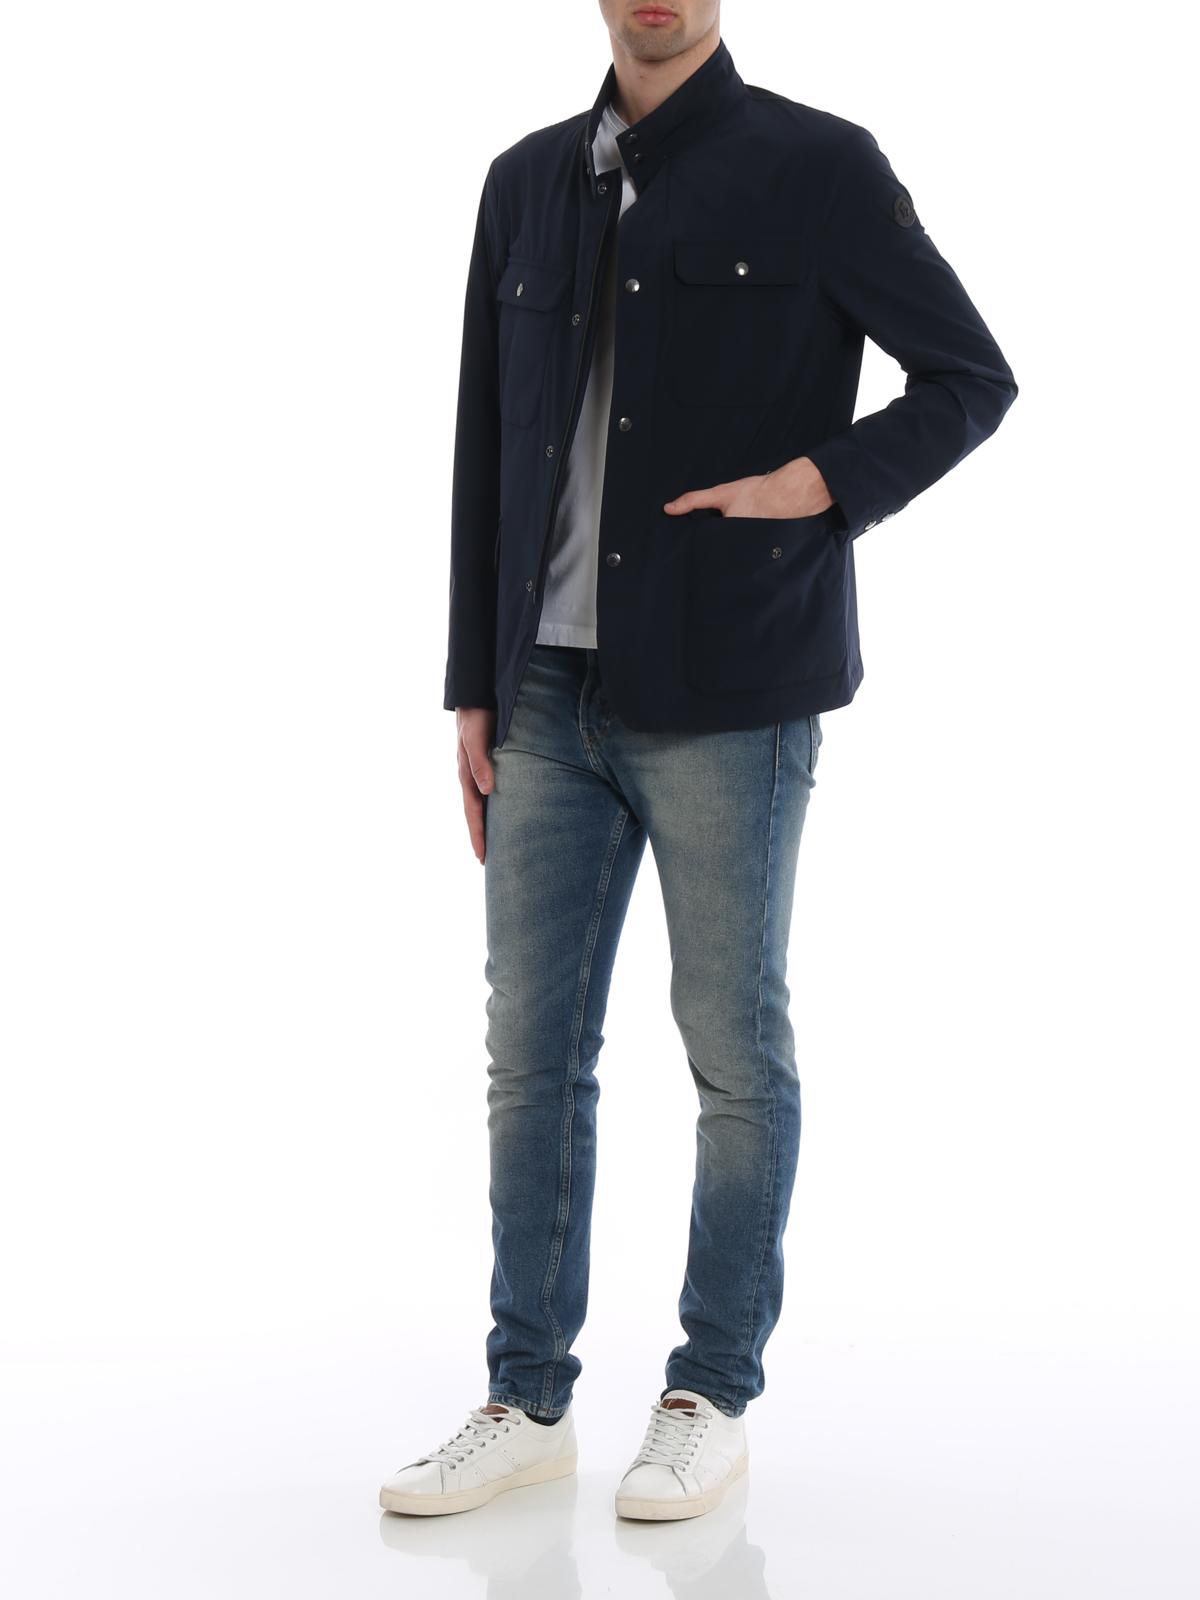 76c8c29fae5c where to buy moncler jacket transparent data d8e32 22d11